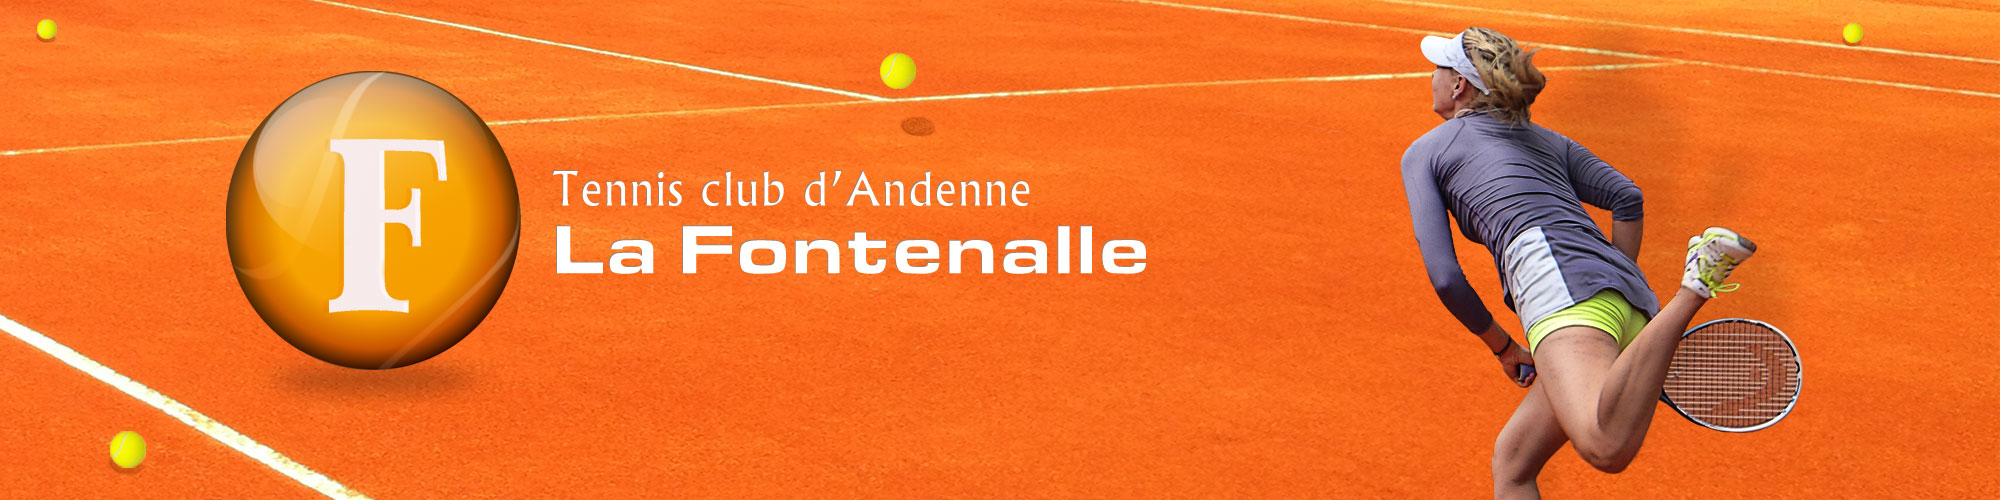 Tennis Club d'Andenne La  Fontenalle